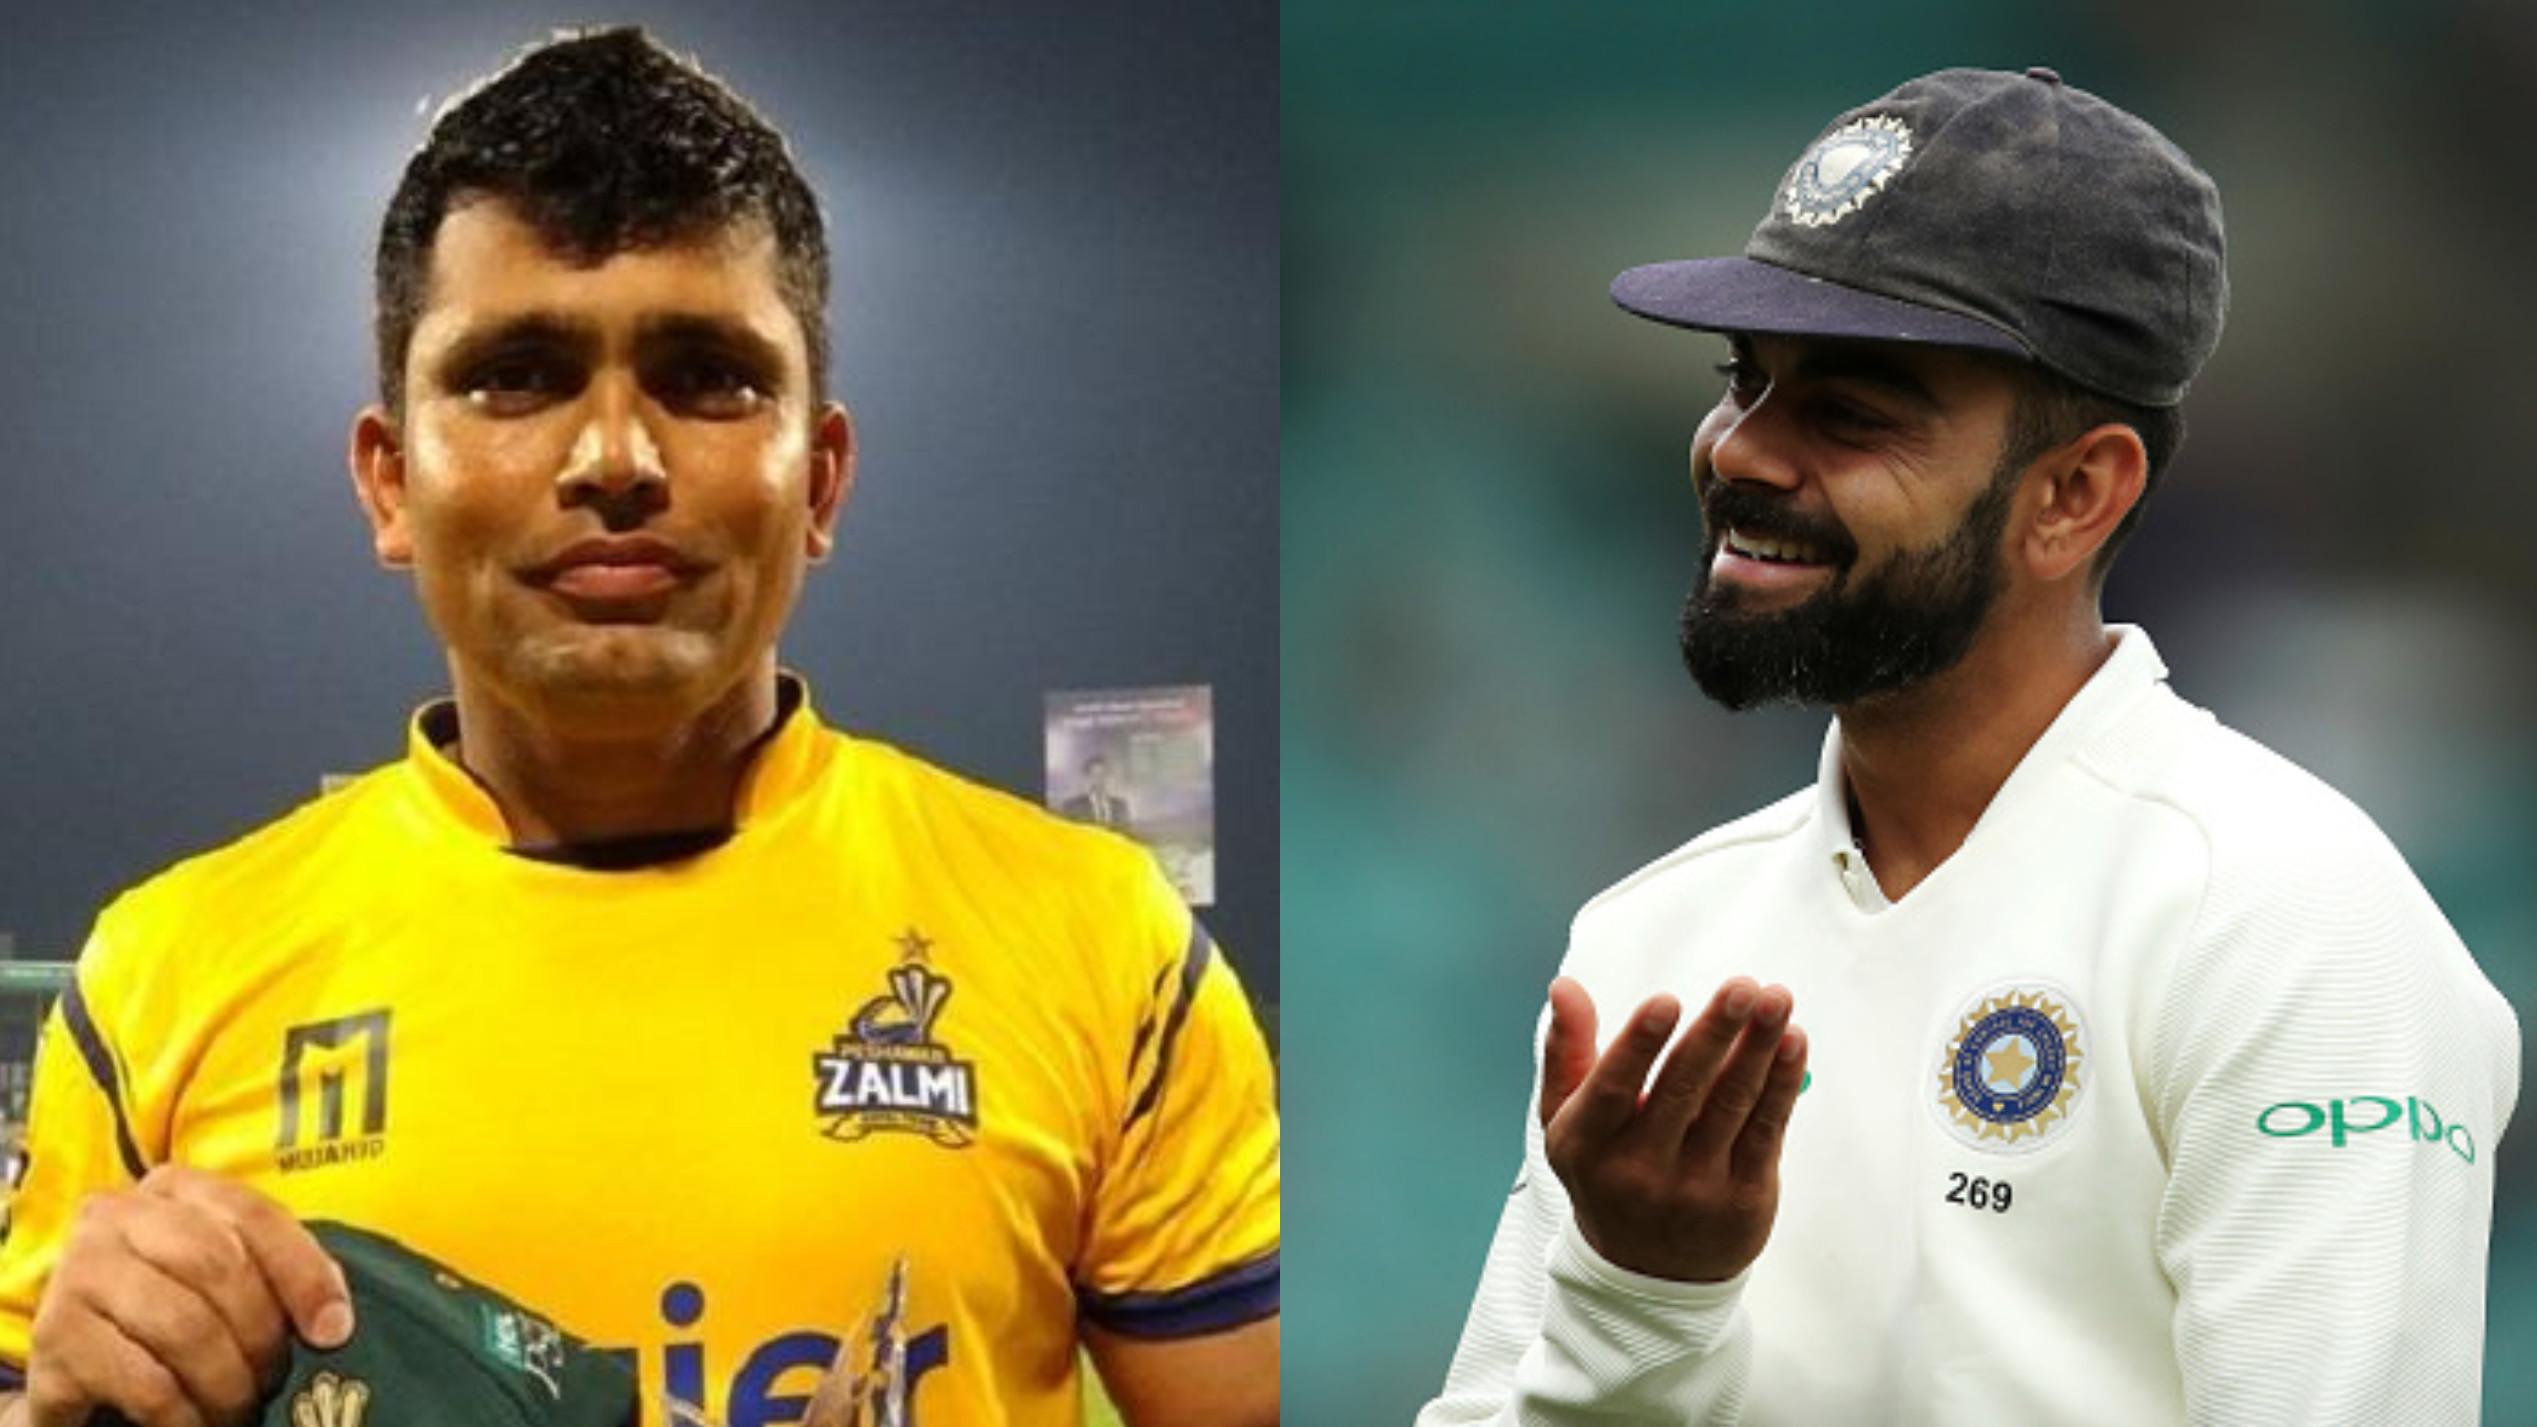 पाकिस्तानी क्रिकेटर कामरान अकमल ने अपने रवैये और निस्वार्थ स्वभाव के लिए विराट कोहली की सराहना की